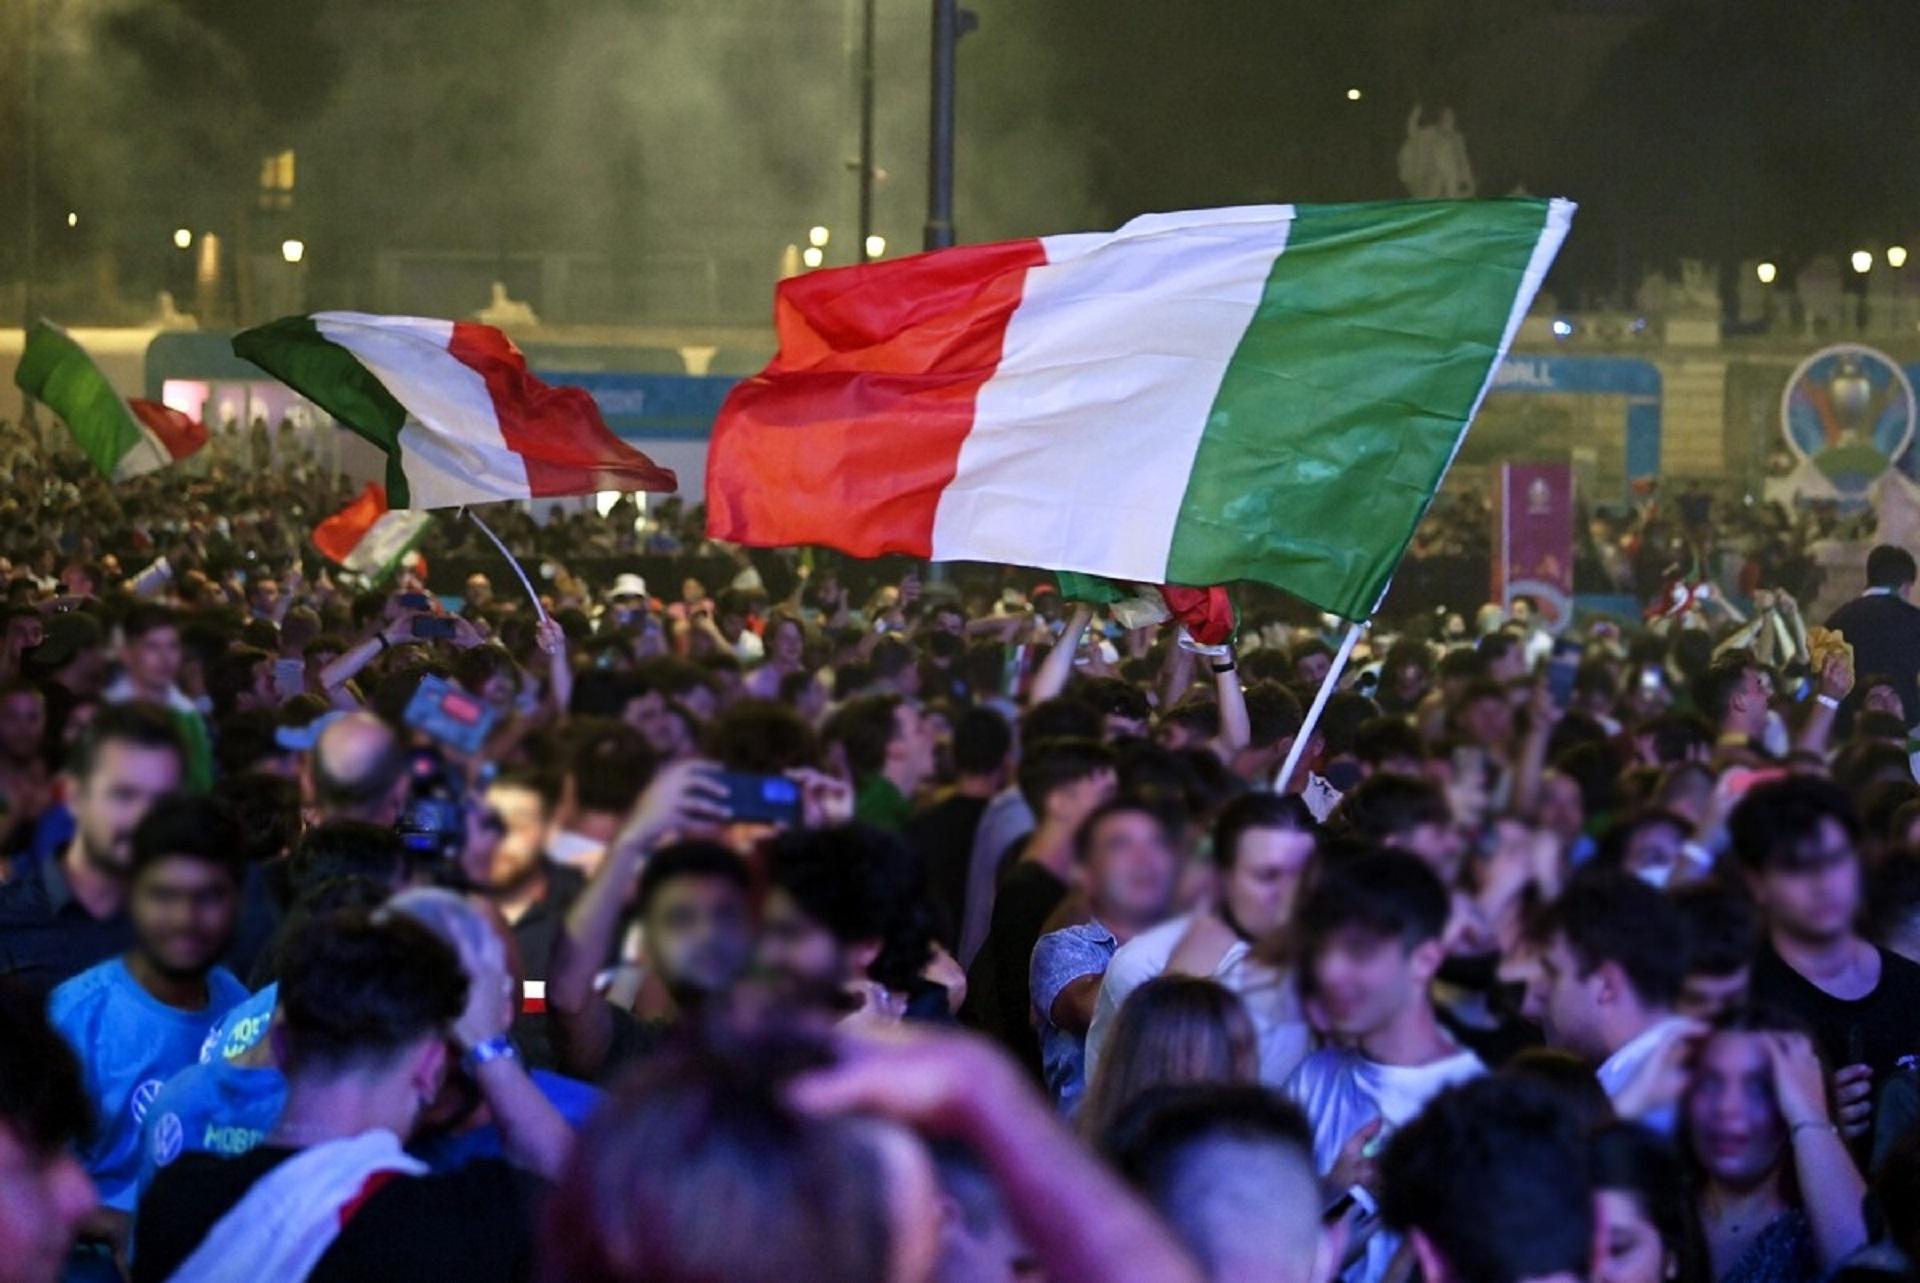 Quanto hanno pesato le feste per la vittoria dellEuropeo sulla pandemia? I numeri dellultimo report dellIss